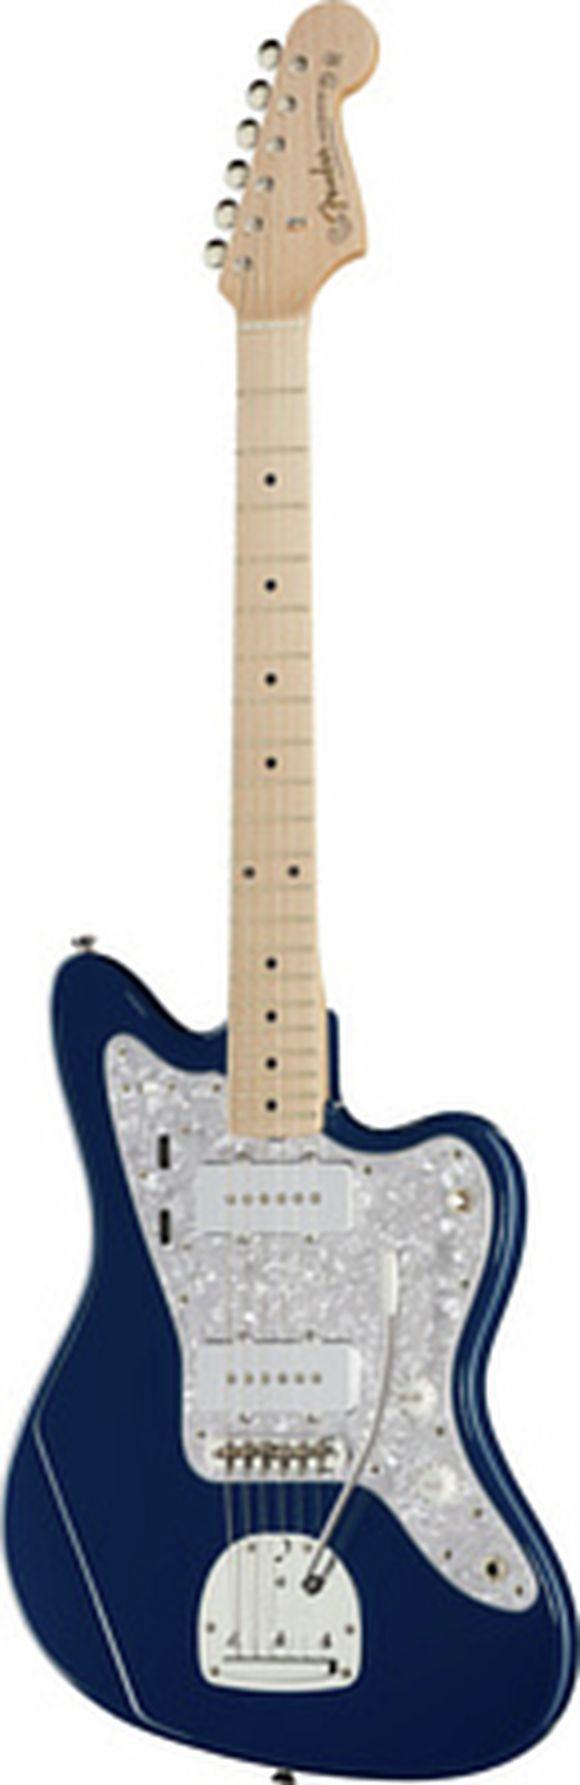 Hybrid Jazzmaster MN Indigo Fender